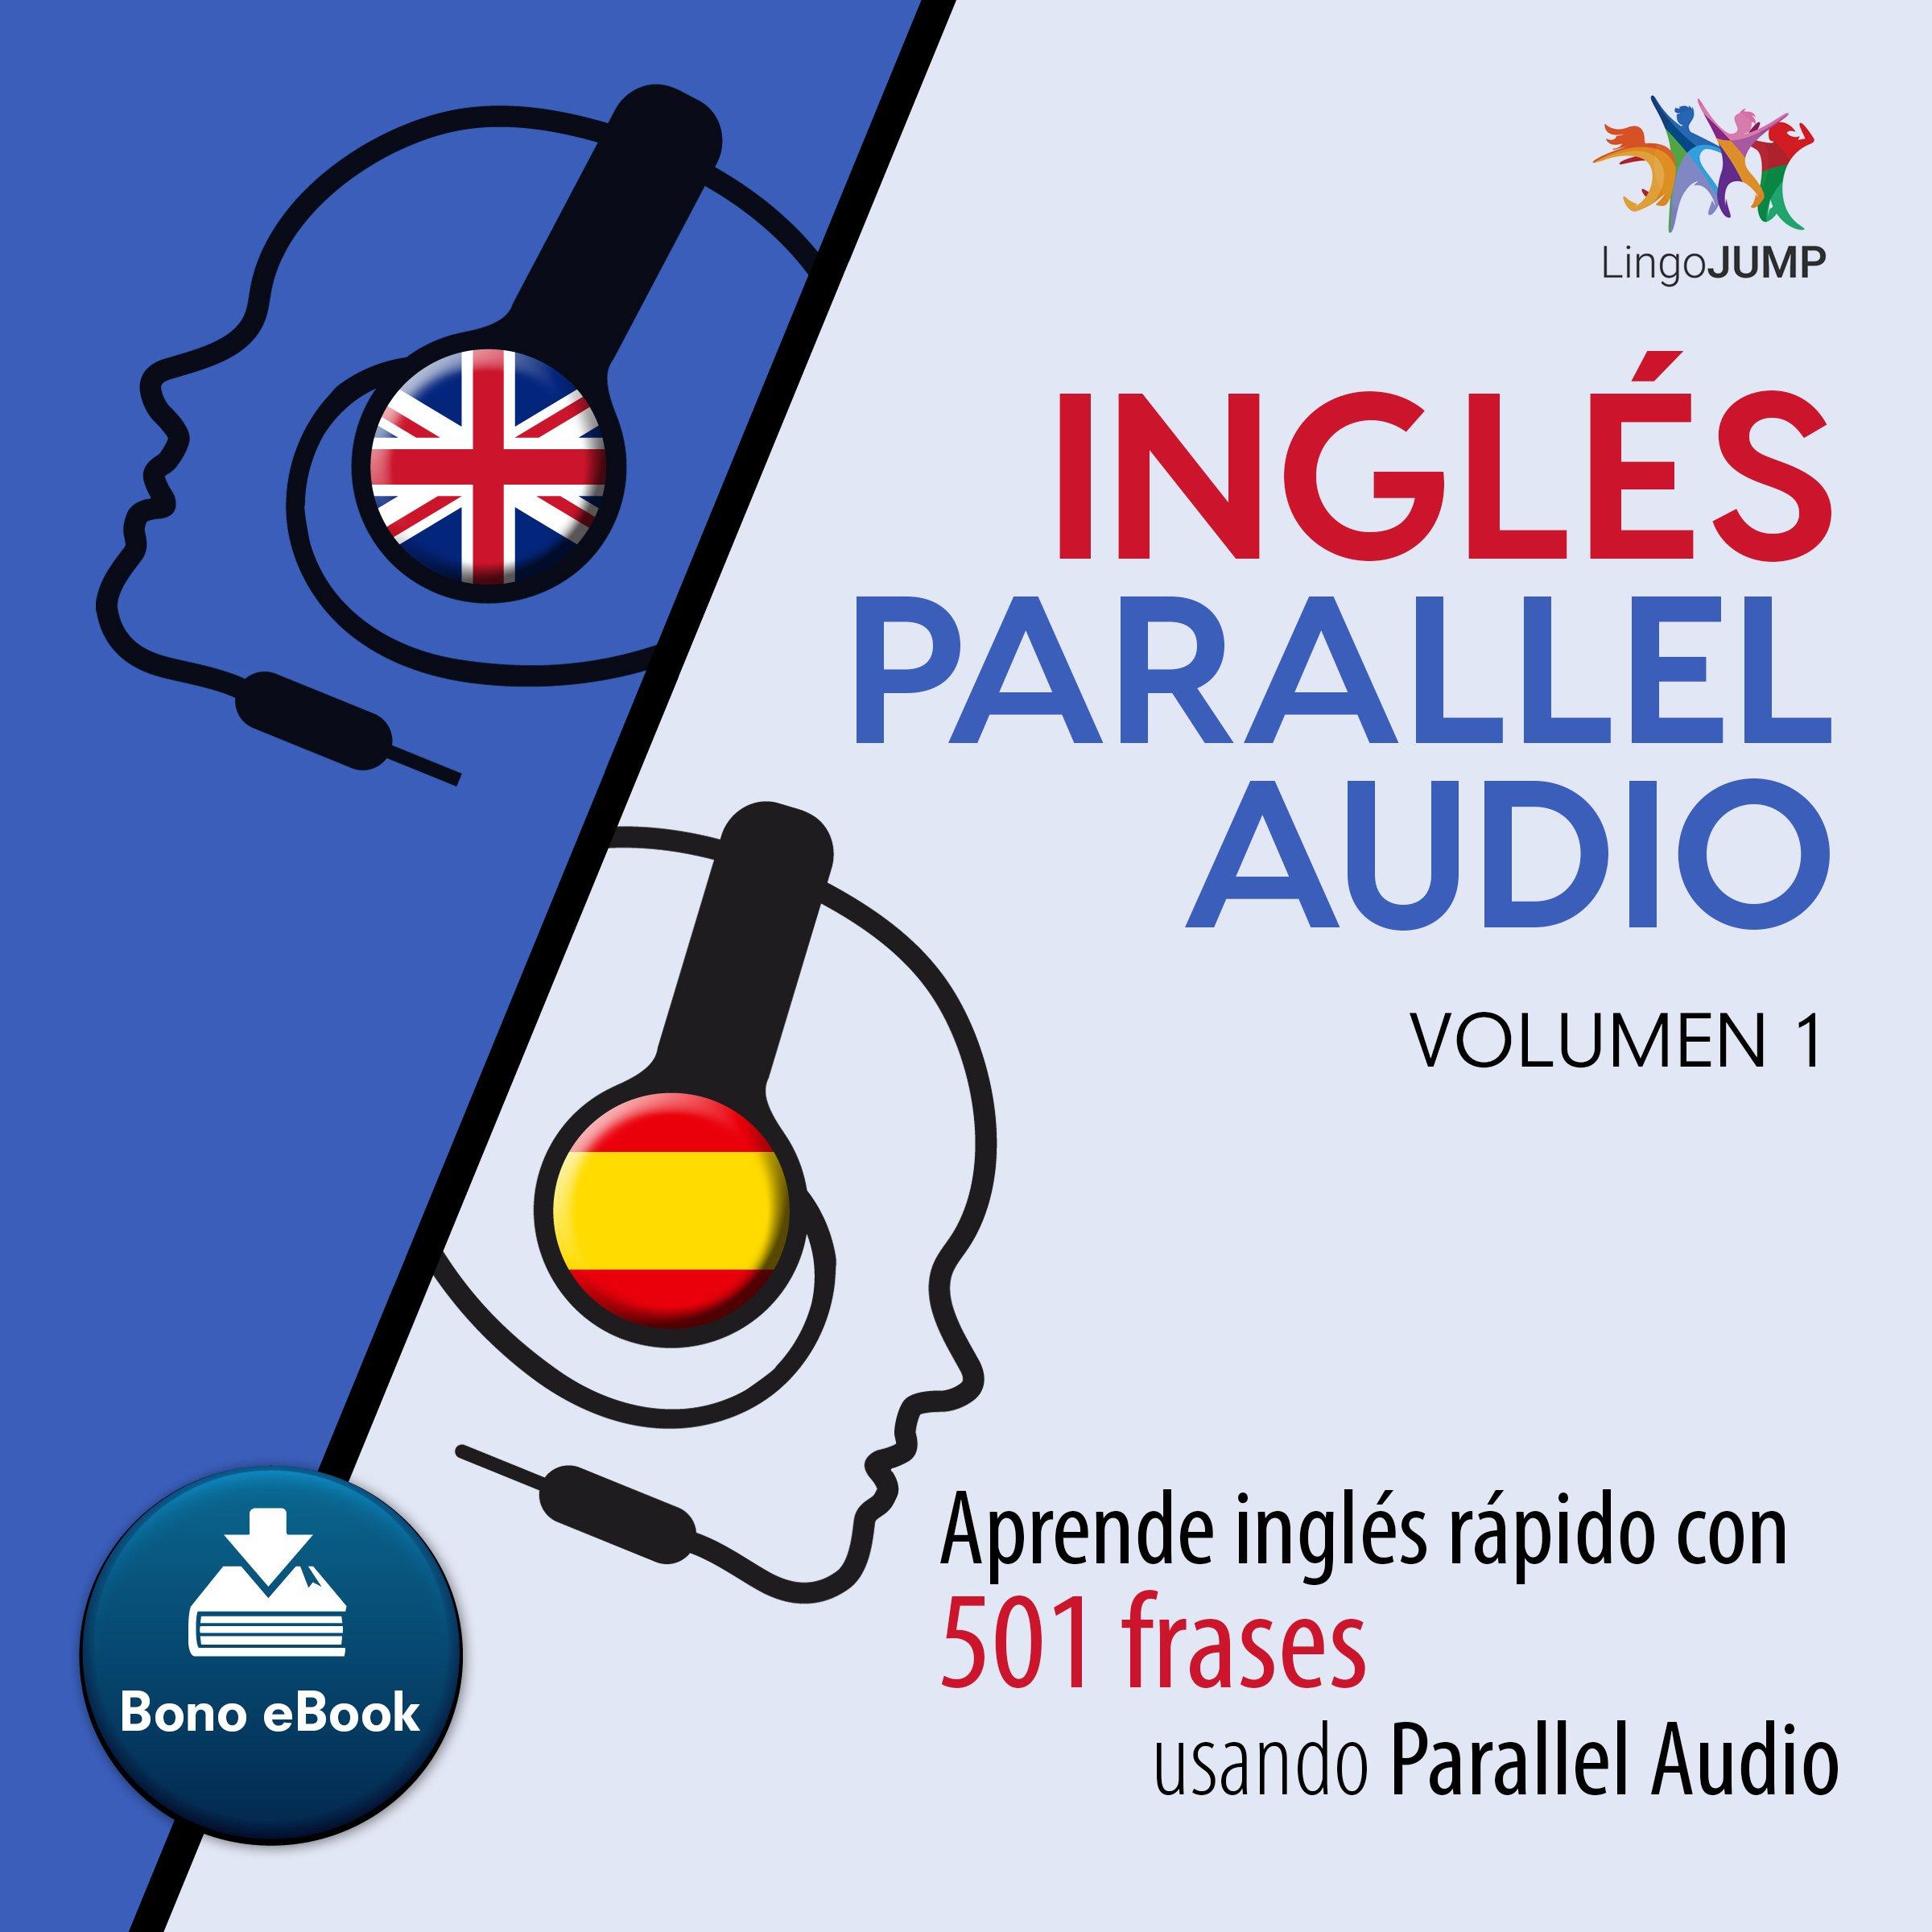 Inglés Parallel Audio [English Parallel Audio]: Aprende inglés rápido con 501 frases usando Parallel Audio - Volumen 1